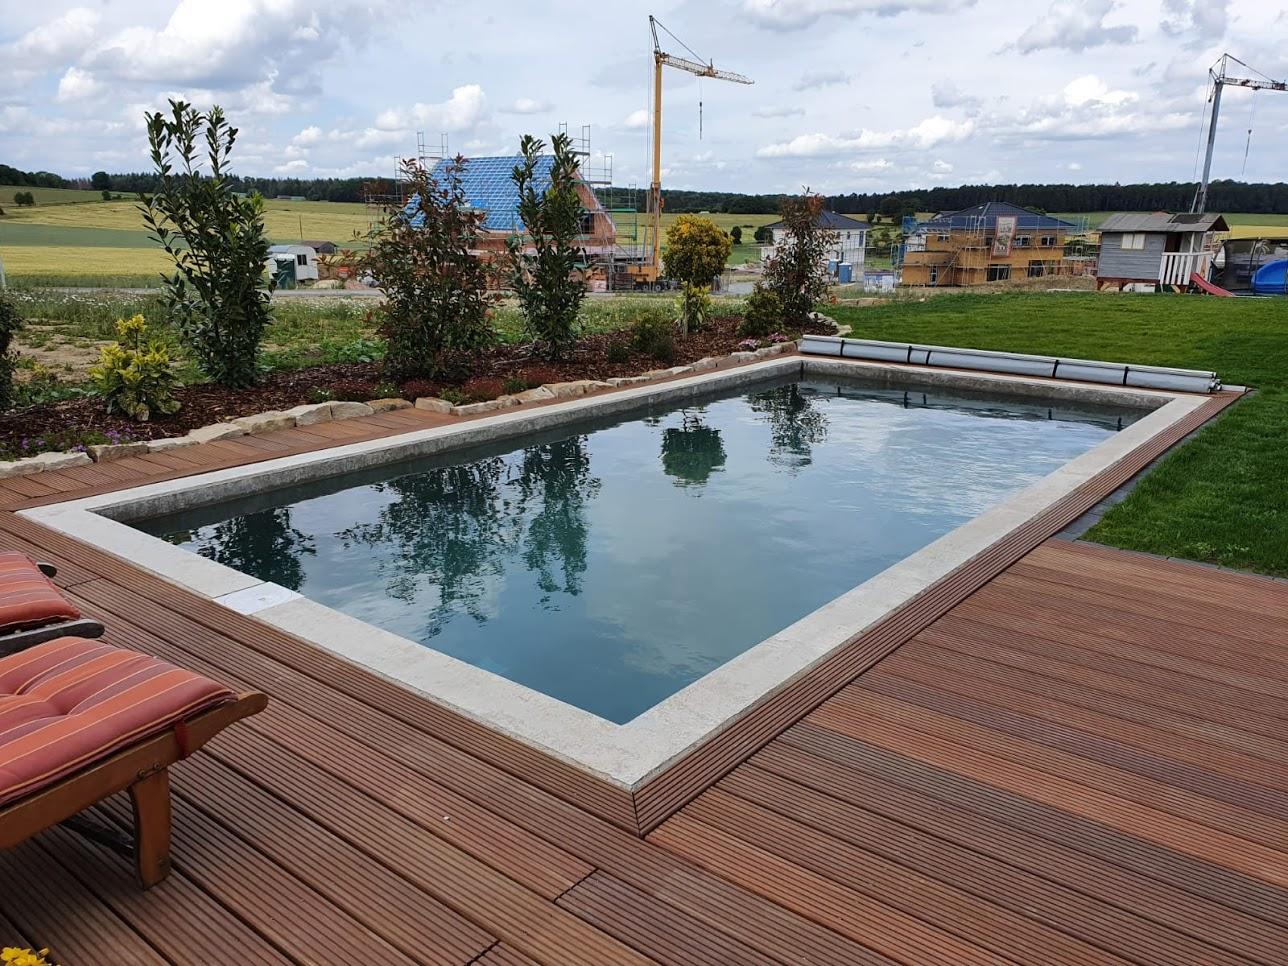 Gartenpool, Dringenberg - Neubau eines Gartenpools in Sichtbetonqualität